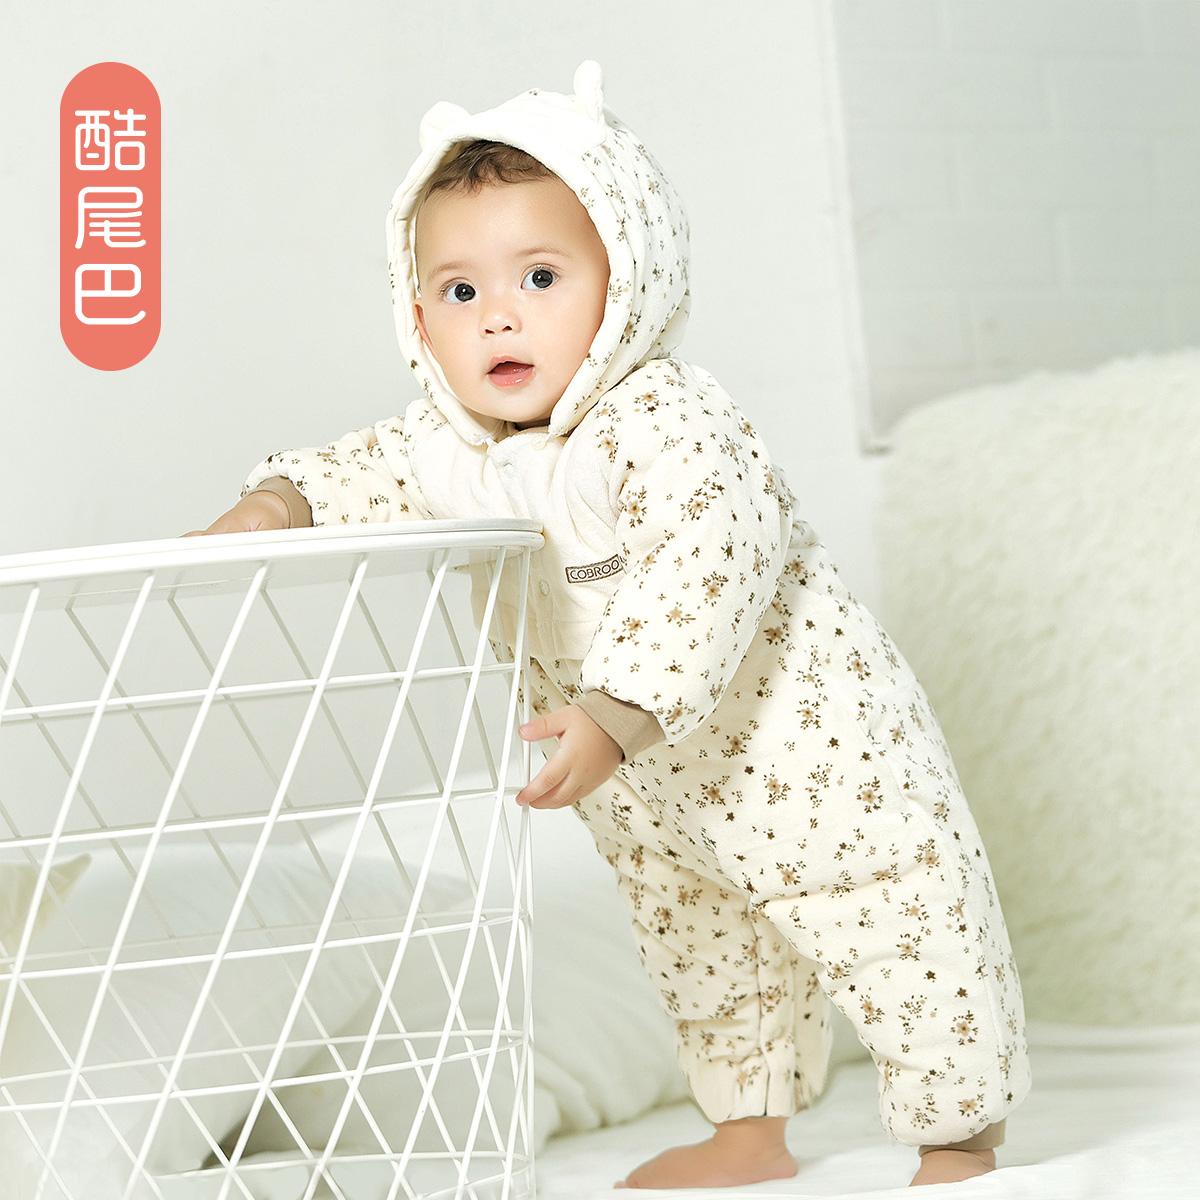 婴儿棉衣加厚一1岁宝宝冬装女孩童男宝宝棉服棉袄幼儿衣服